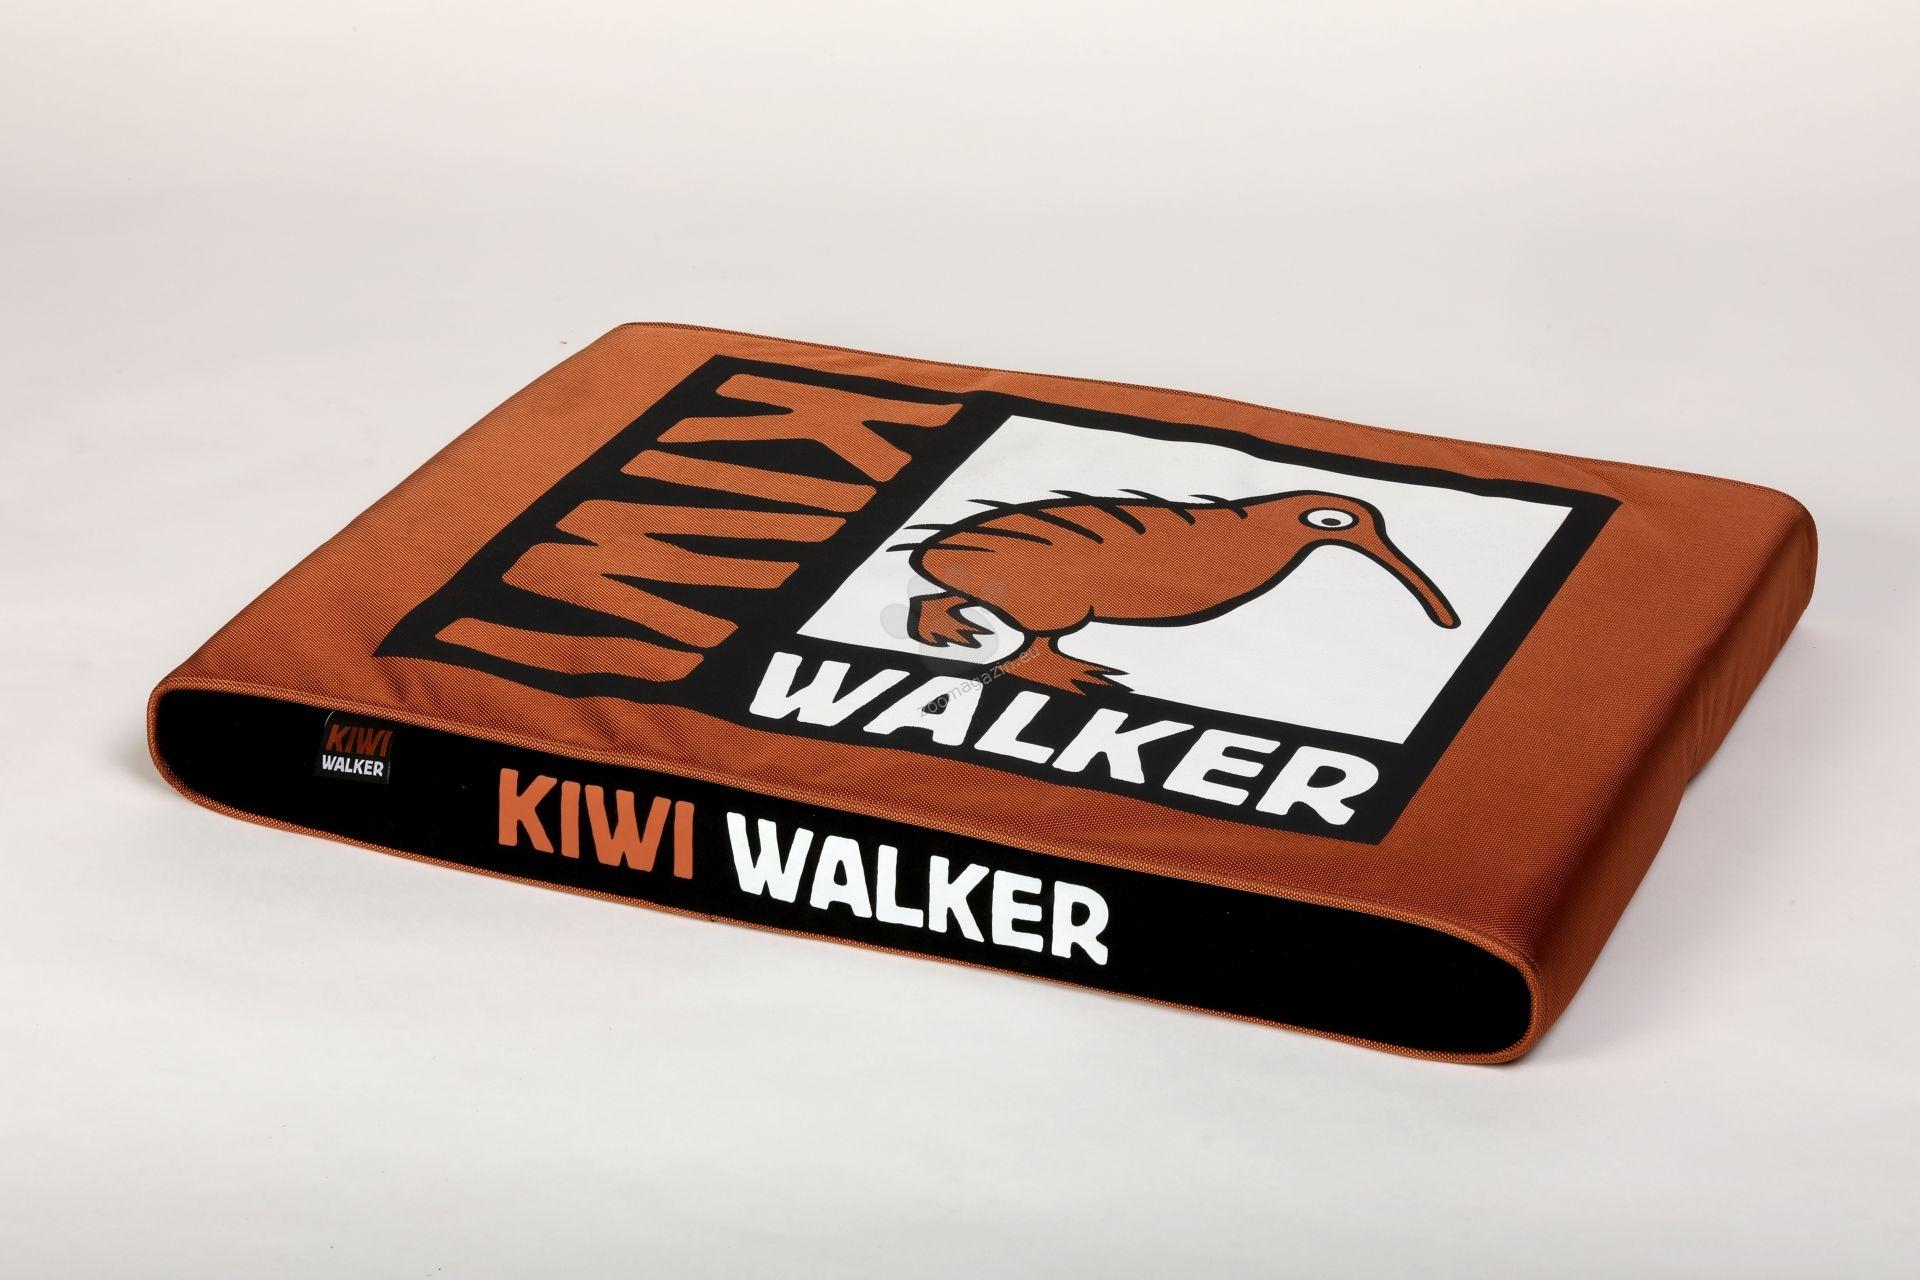 Kiwi Walker Mattress S - ортопедичен матрак с мемори пяна 50 / 35 / 5 см. / син, оранжев, зелен, кафяв, розов /